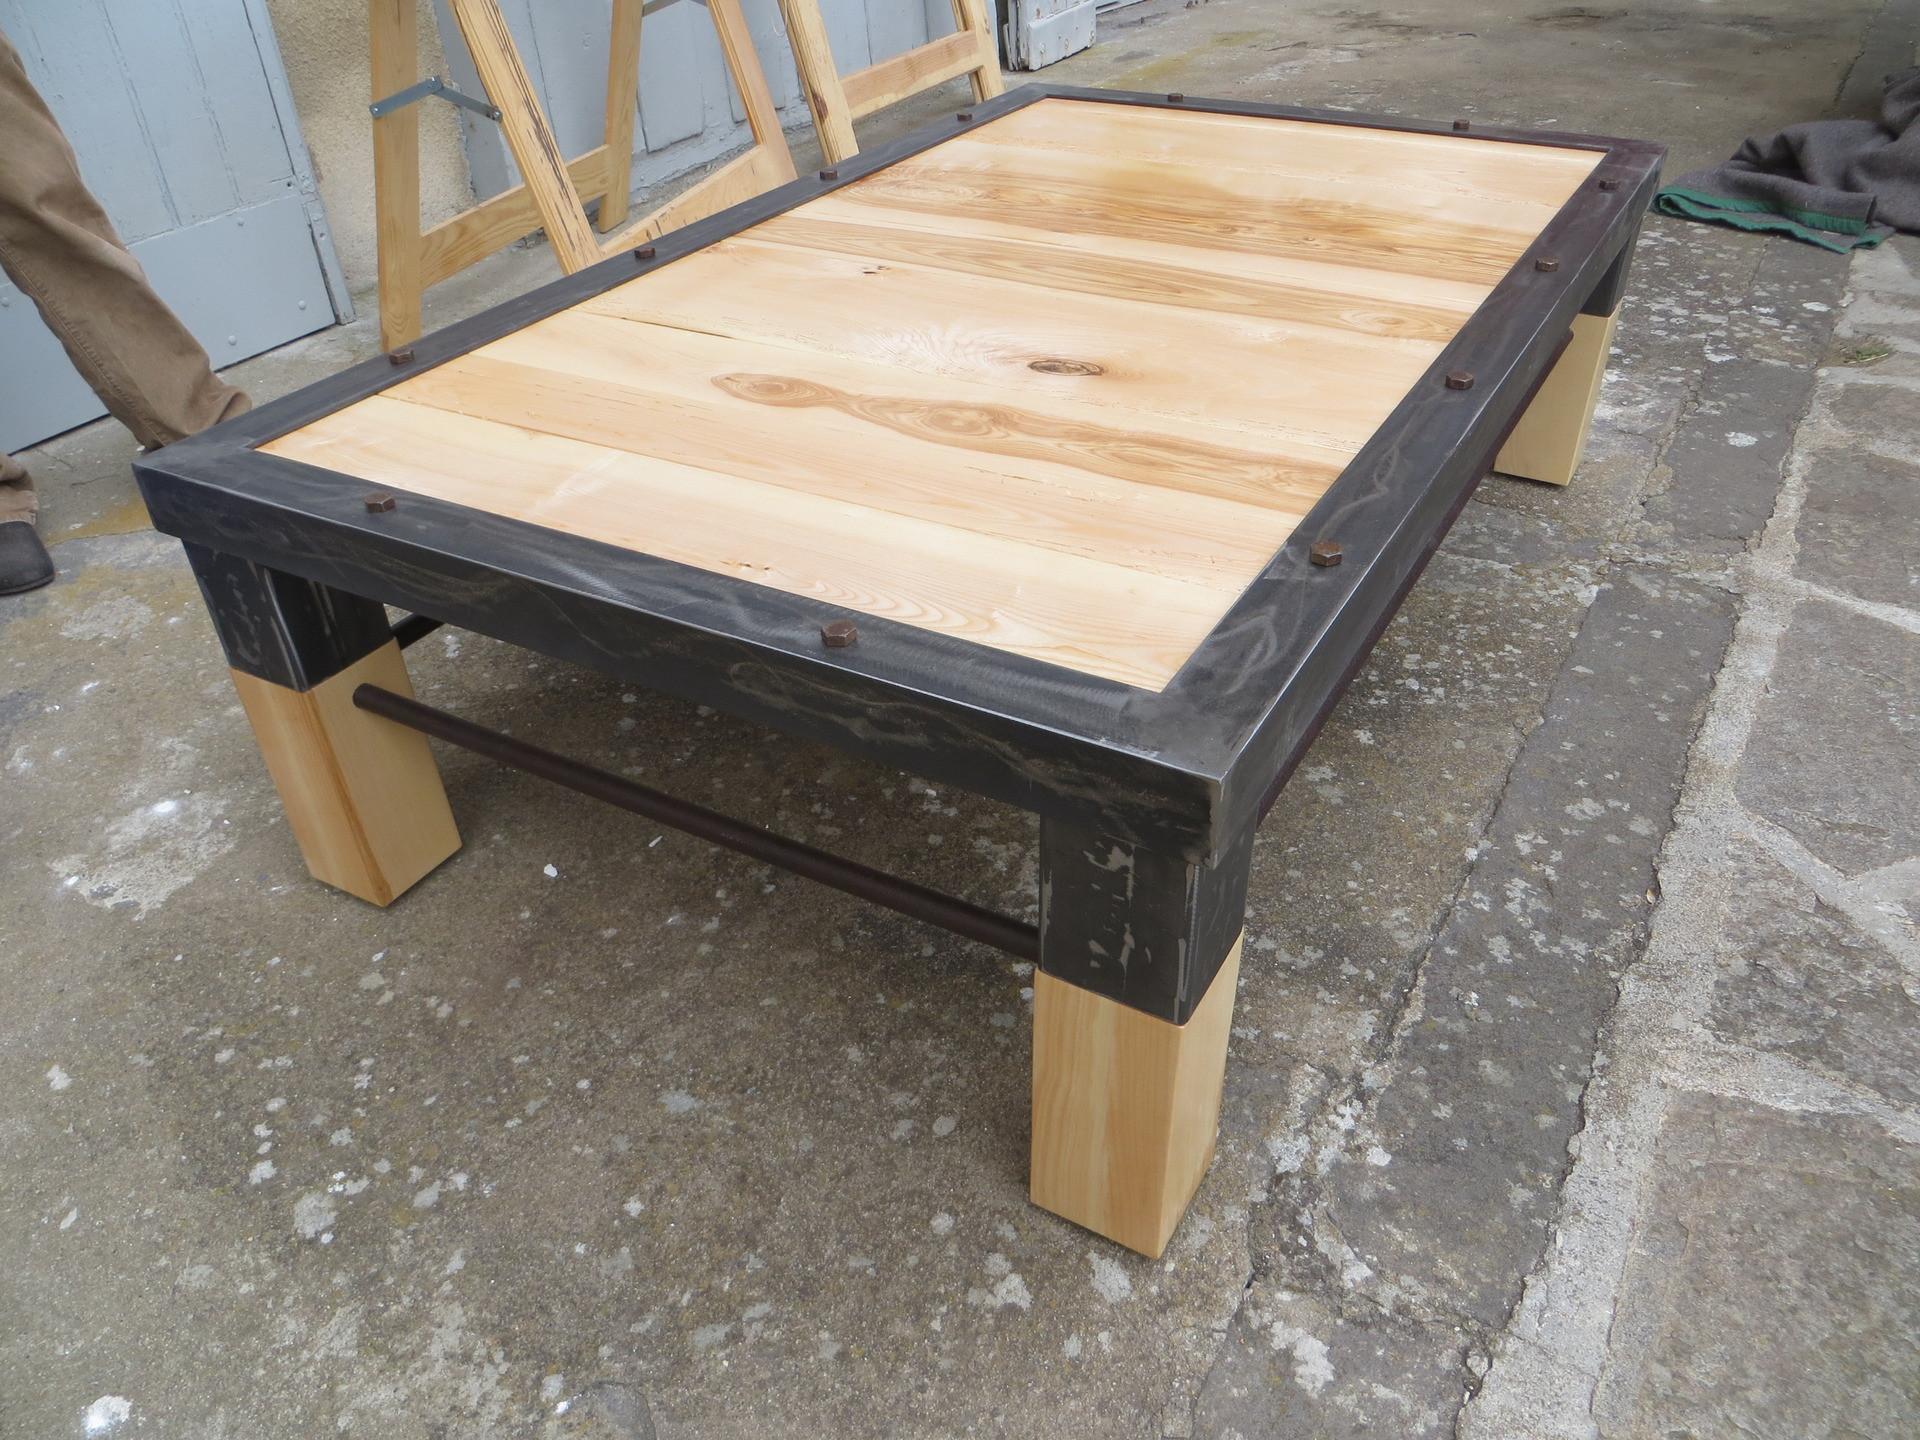 construire une table basse pas cher - boutique-gain-de-place.fr